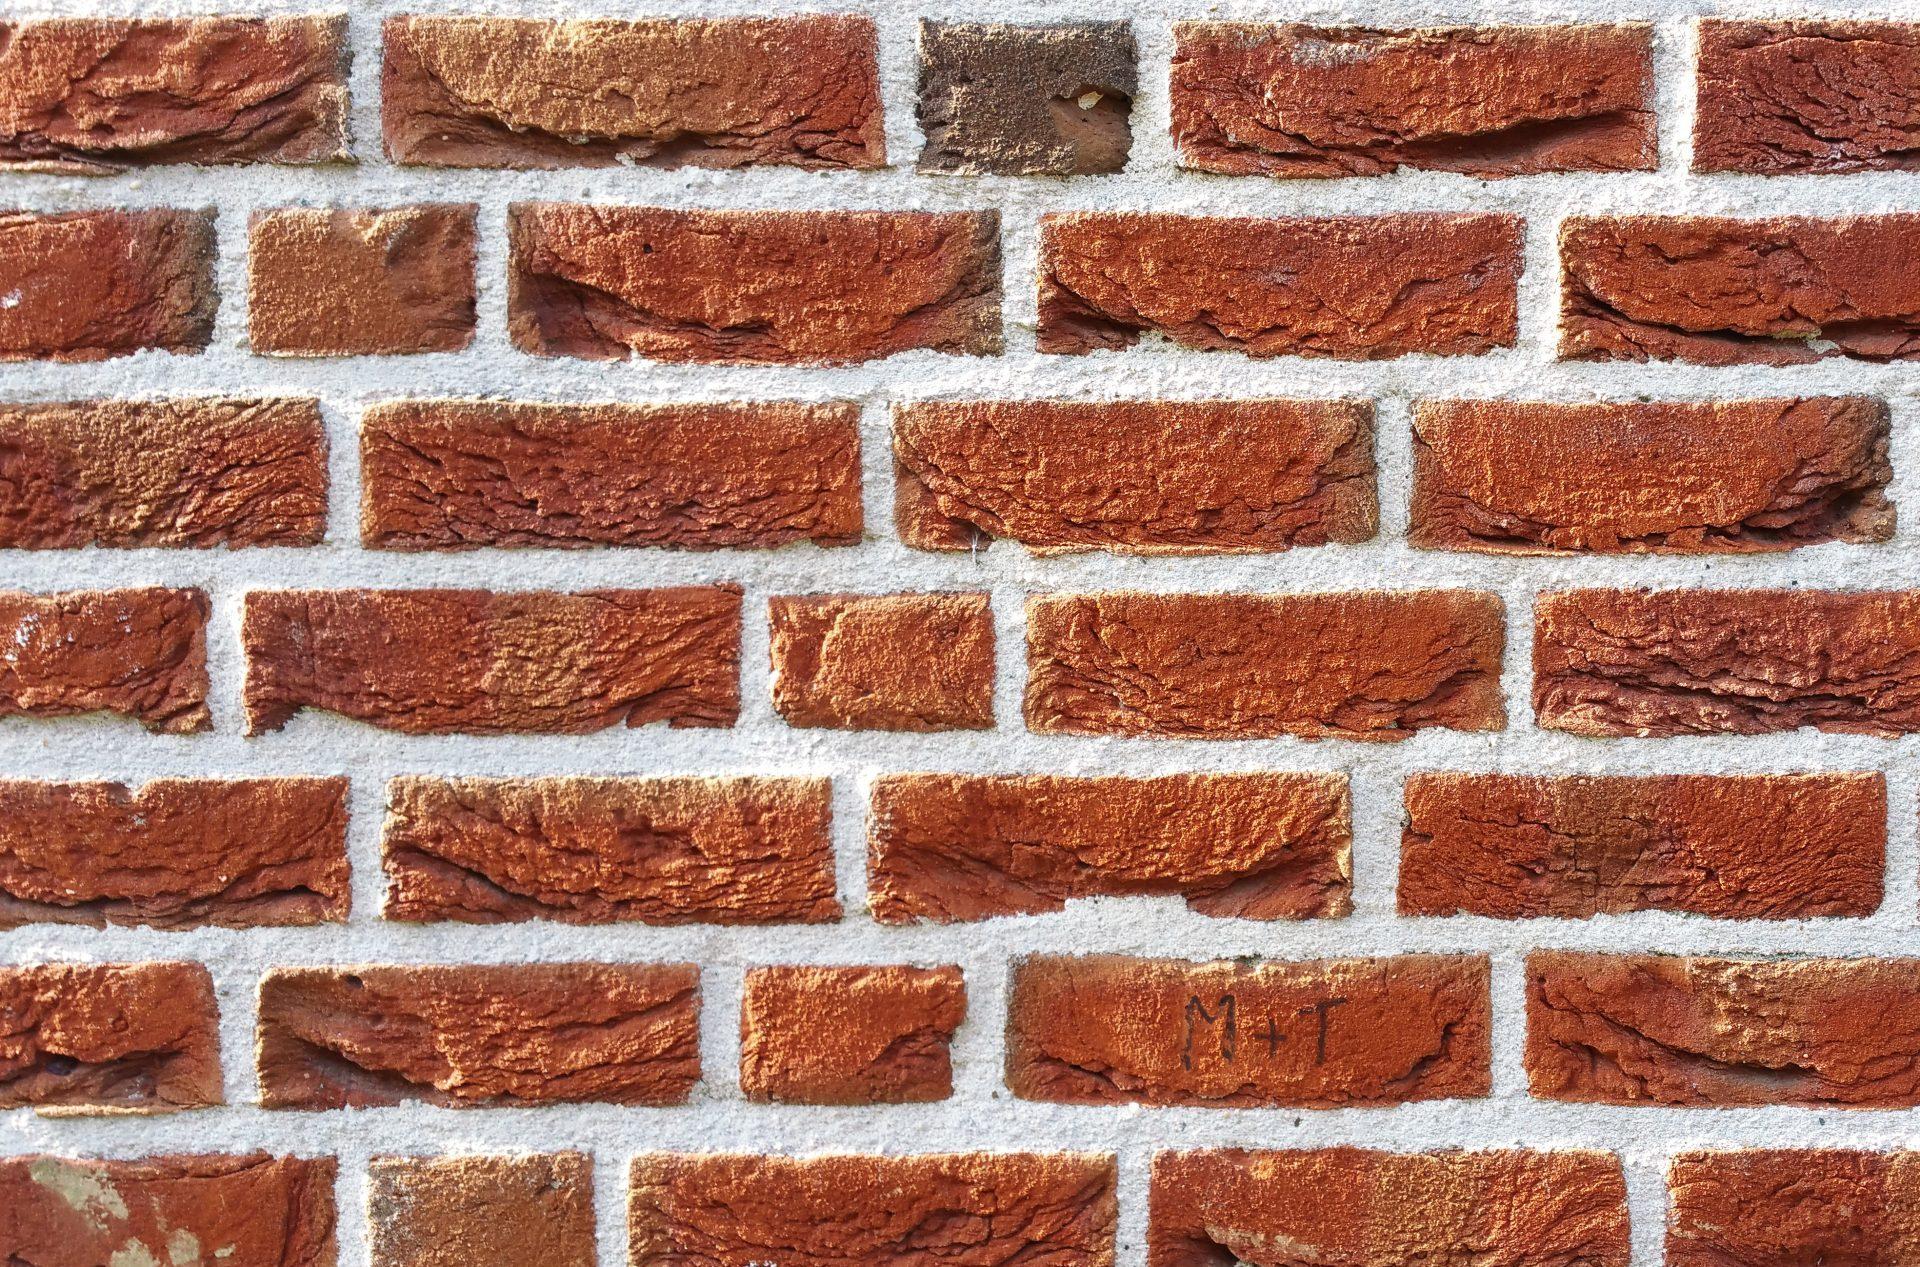 brick-wall-1260304